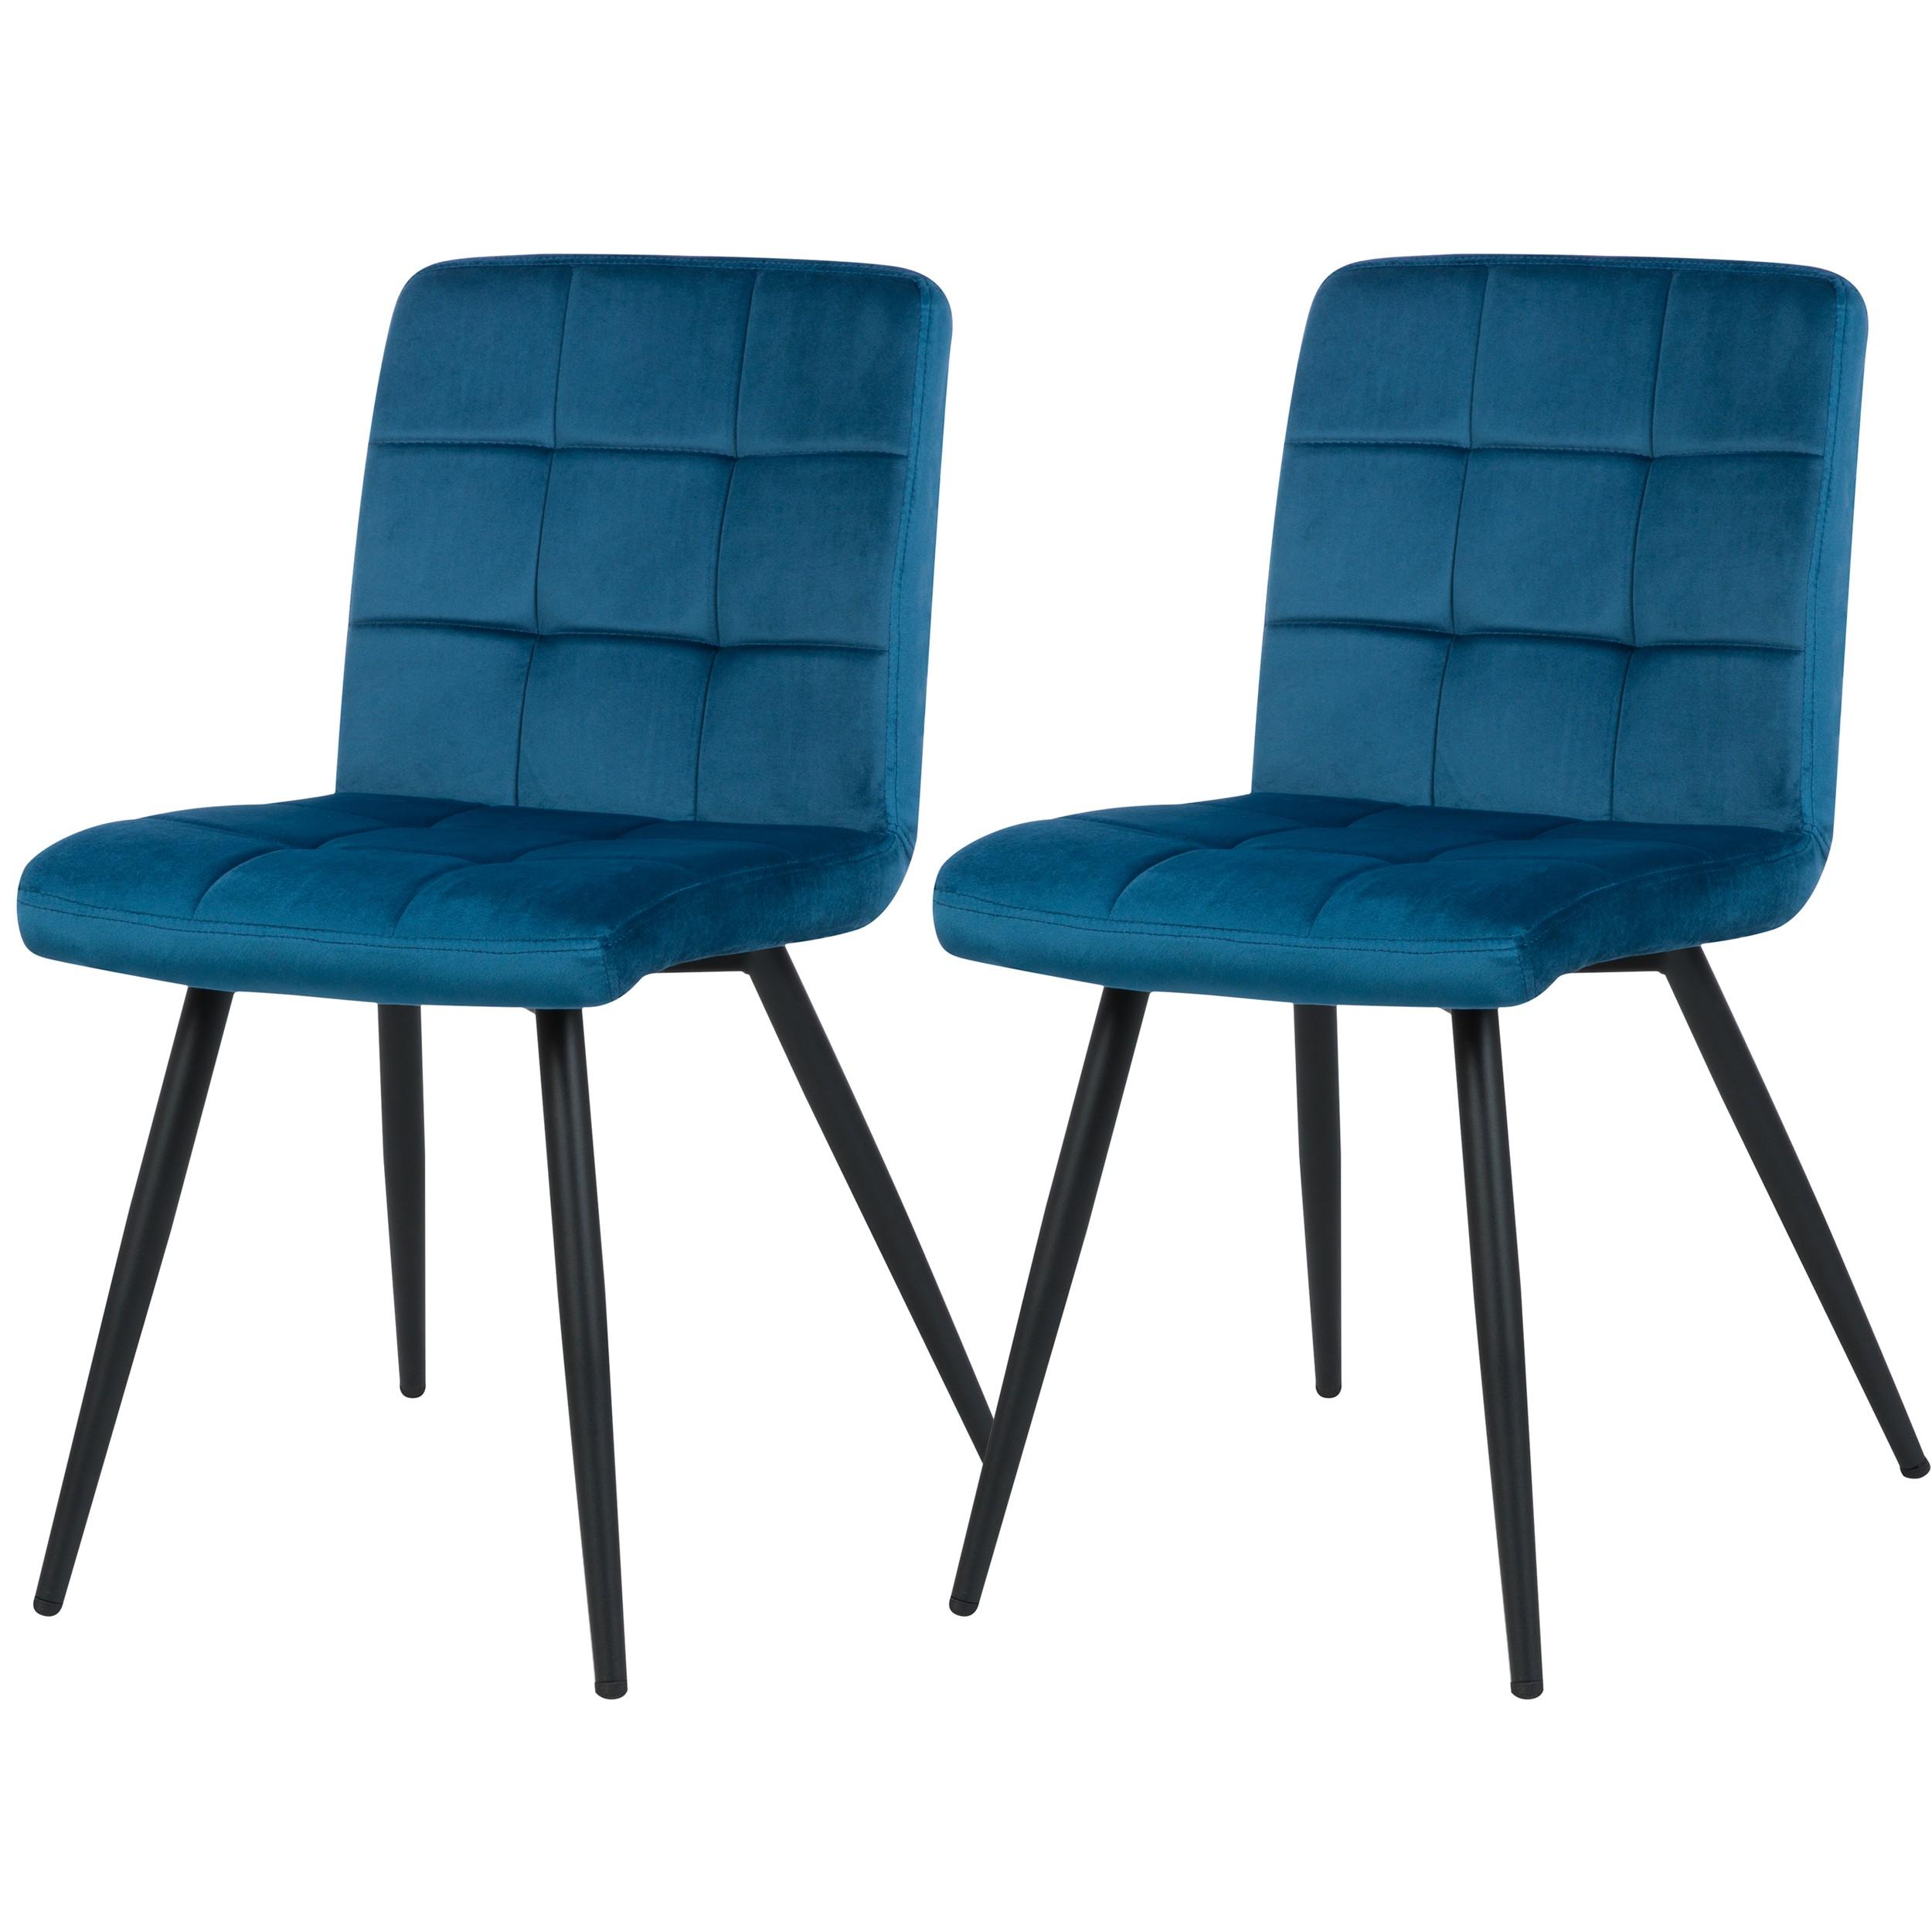 acheter chaise bleue lot de 2